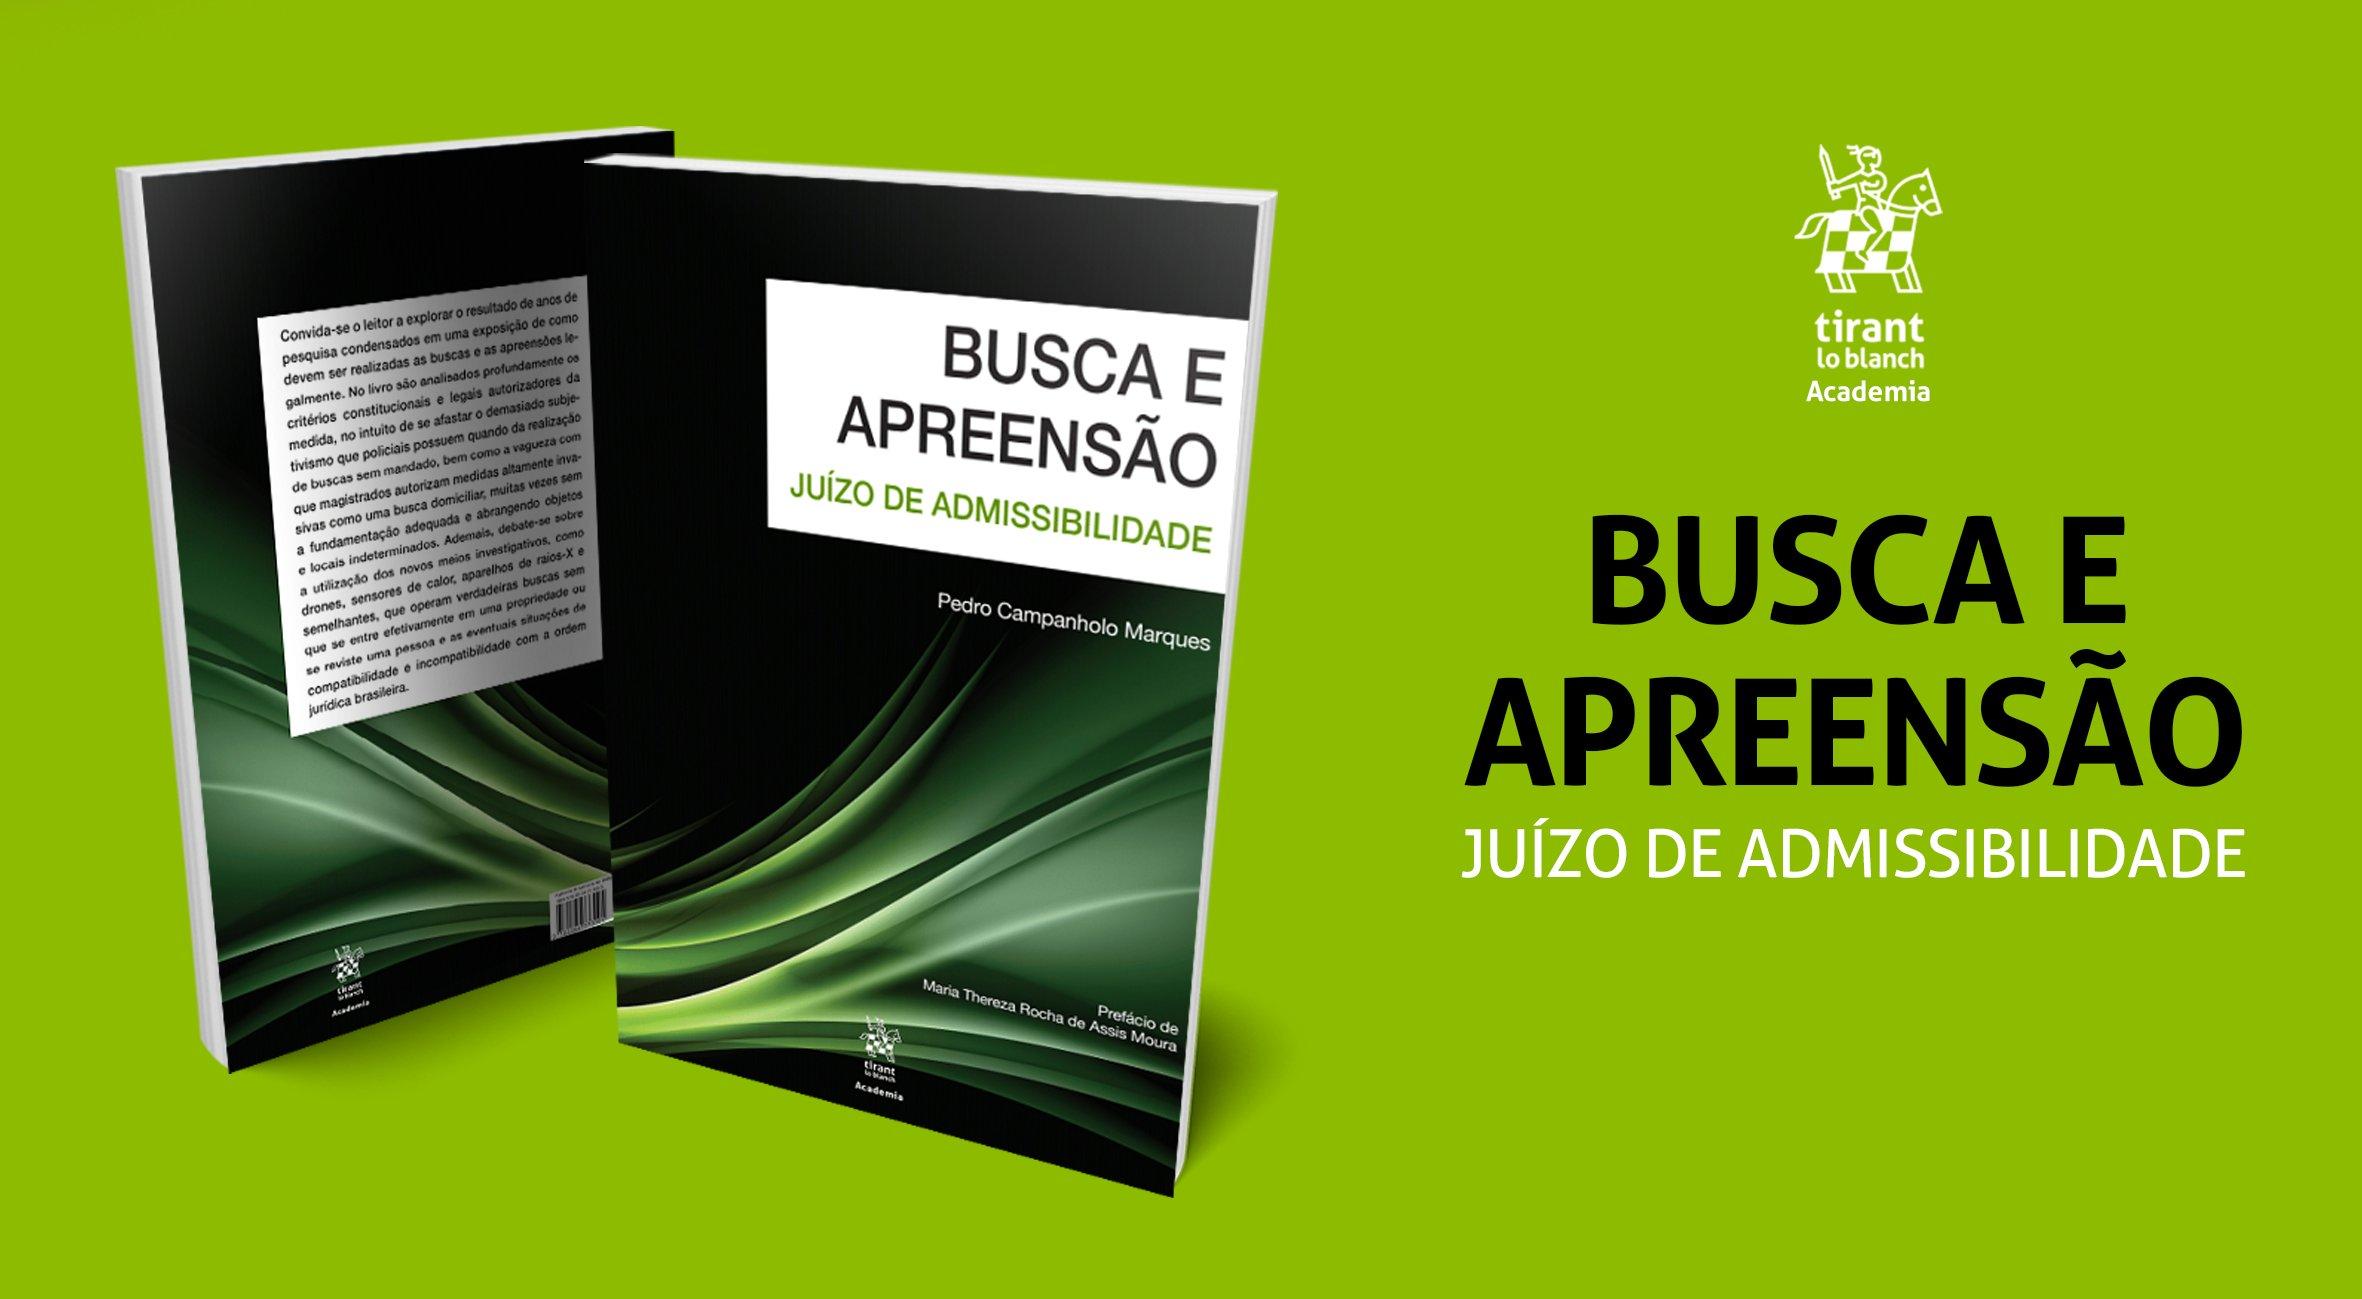 Lançamento - Busca e Apreensão: Juízo de Admissibilidade, do autor Pedro Campanholo Marques